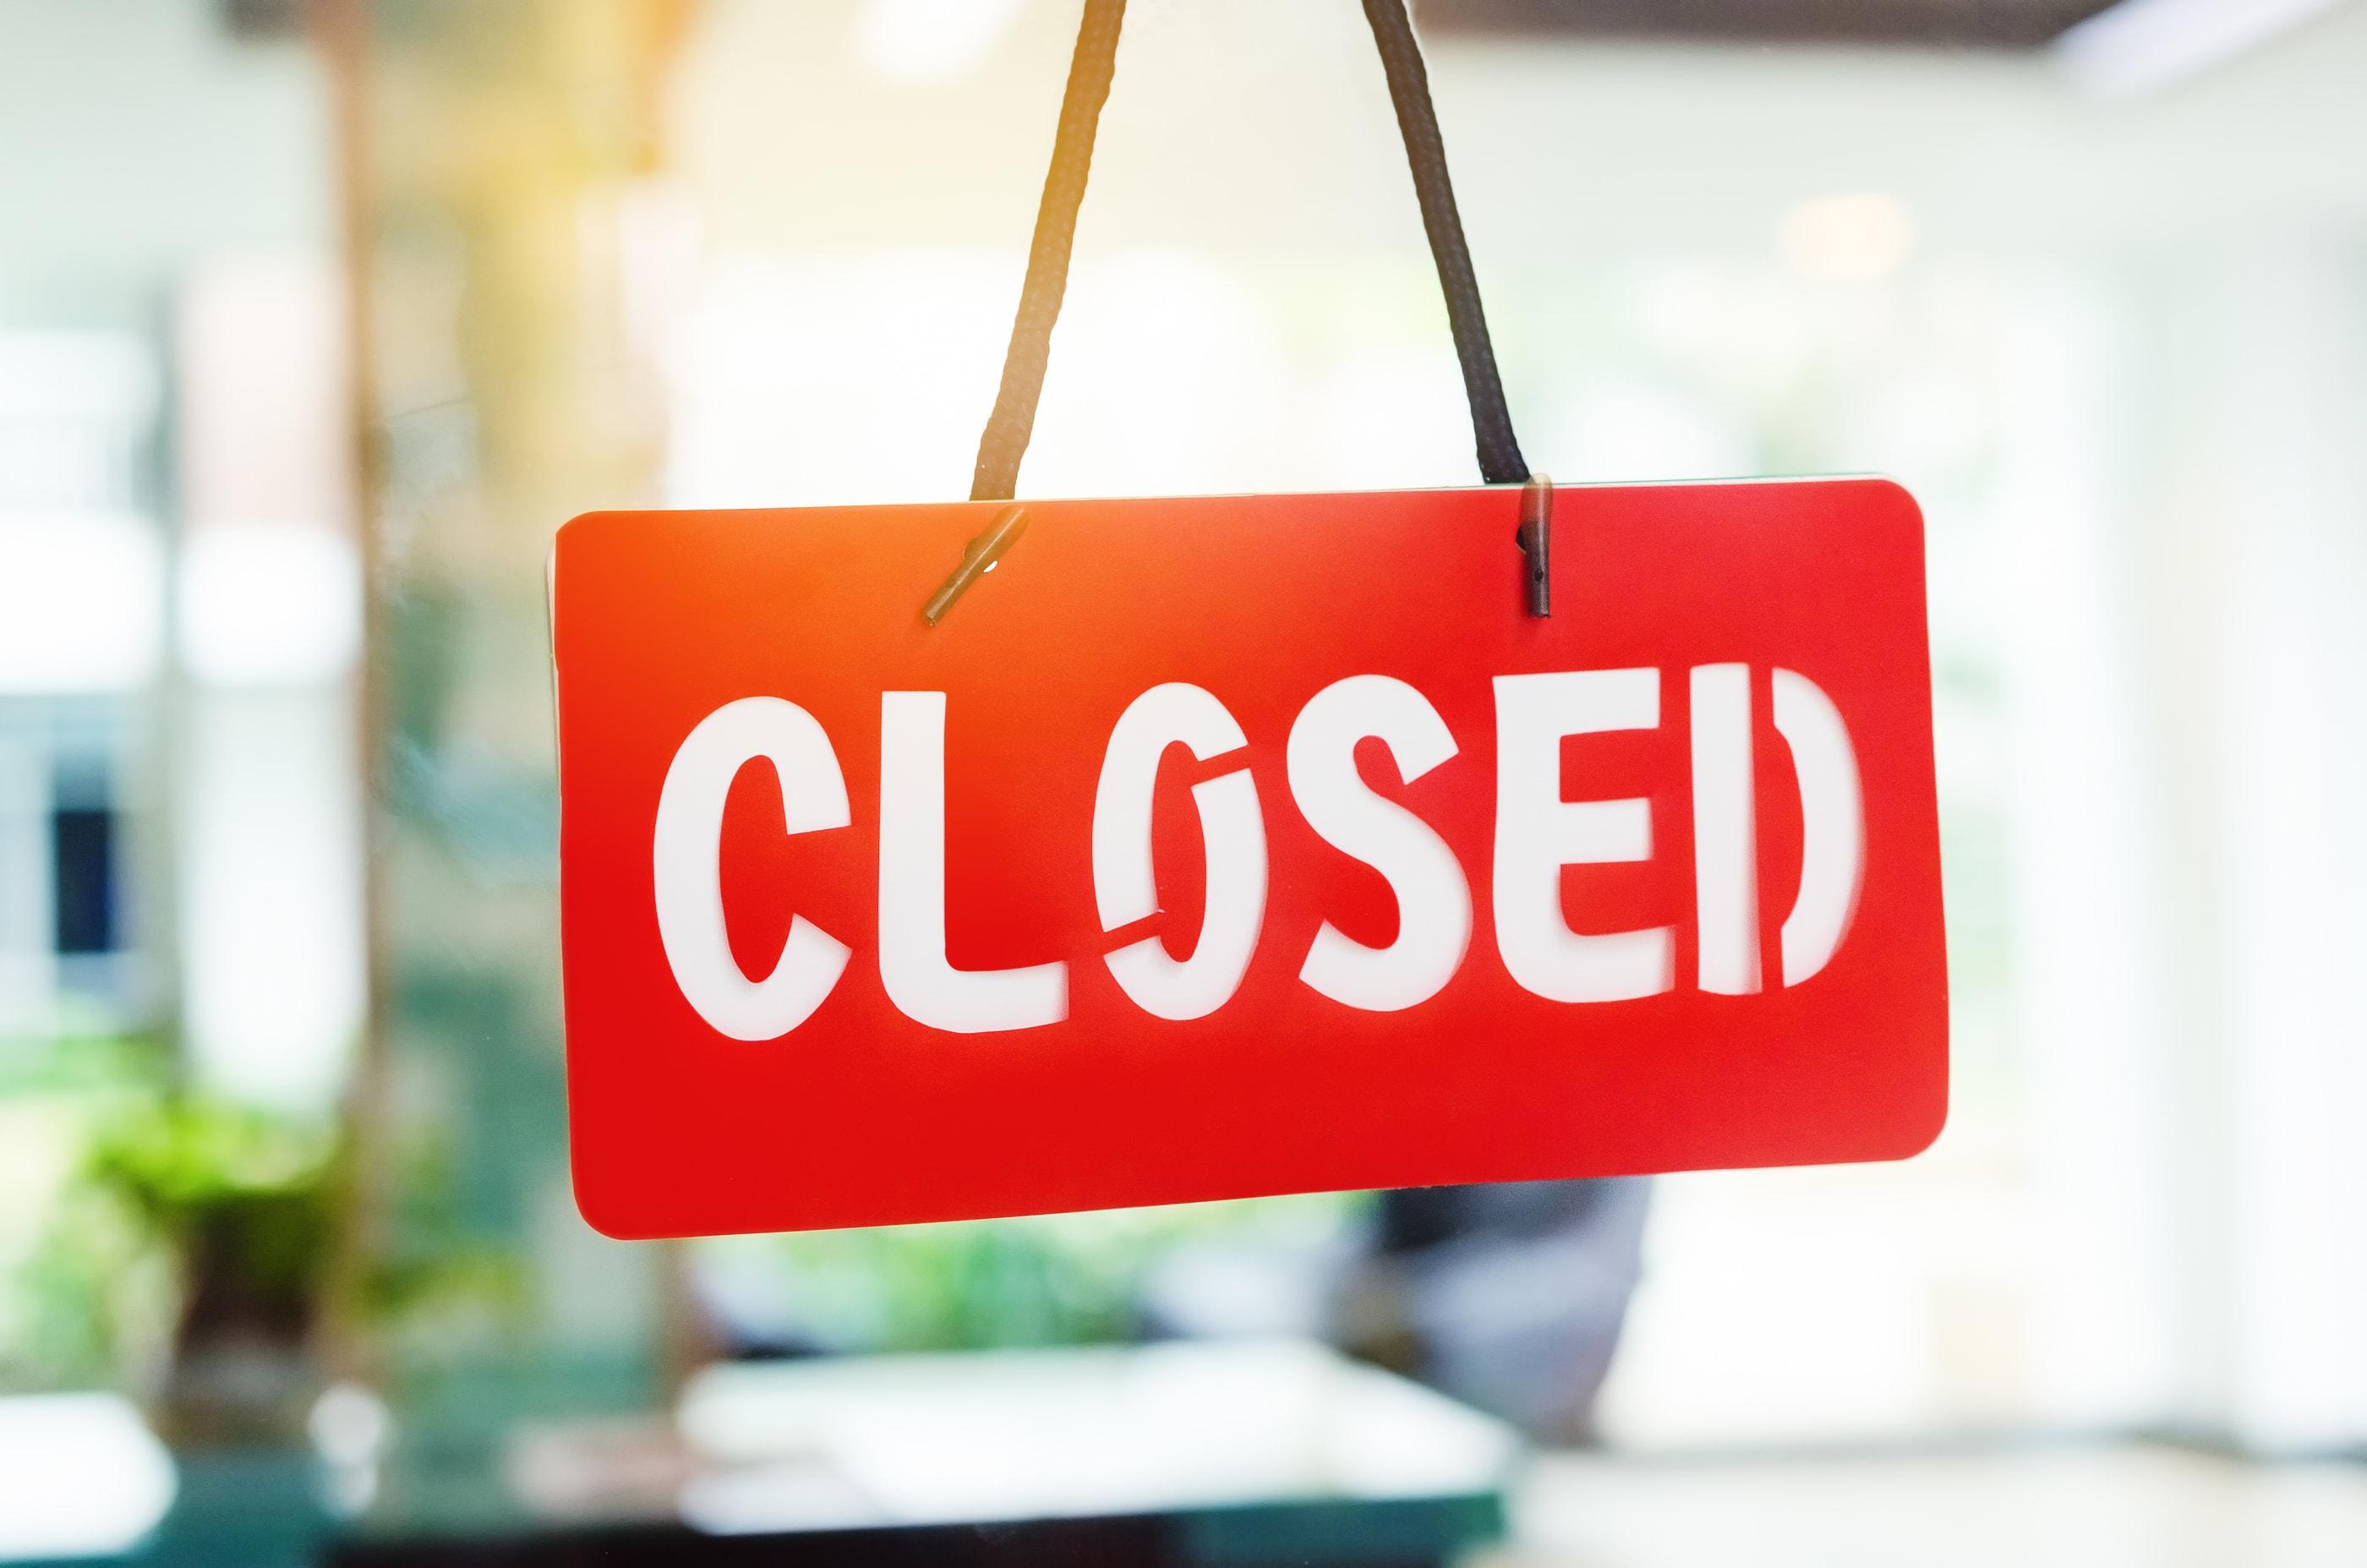 18 d'octubre oficina tancada